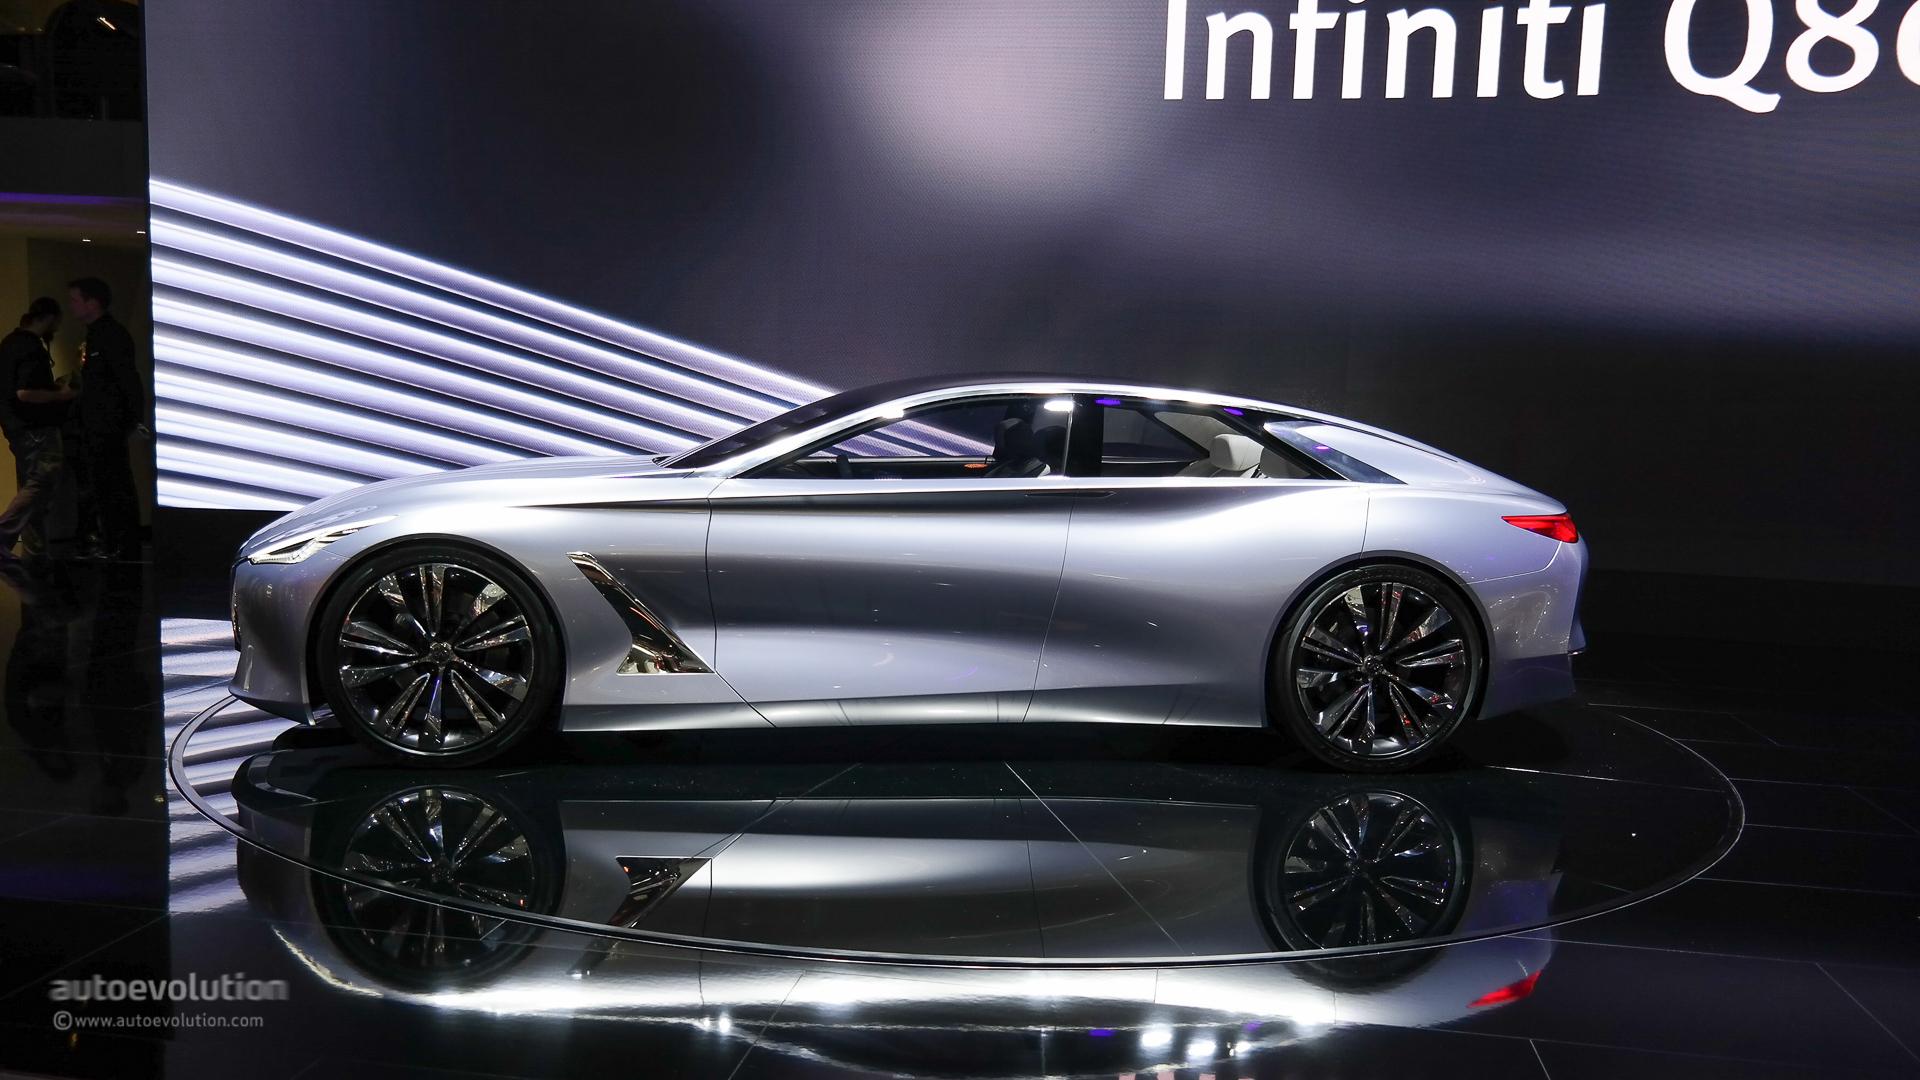 S Class Coupe >> Infiniti Reveals CLS-Class Fighting Q80 Concept at Paris [Live Photo] - autoevolution